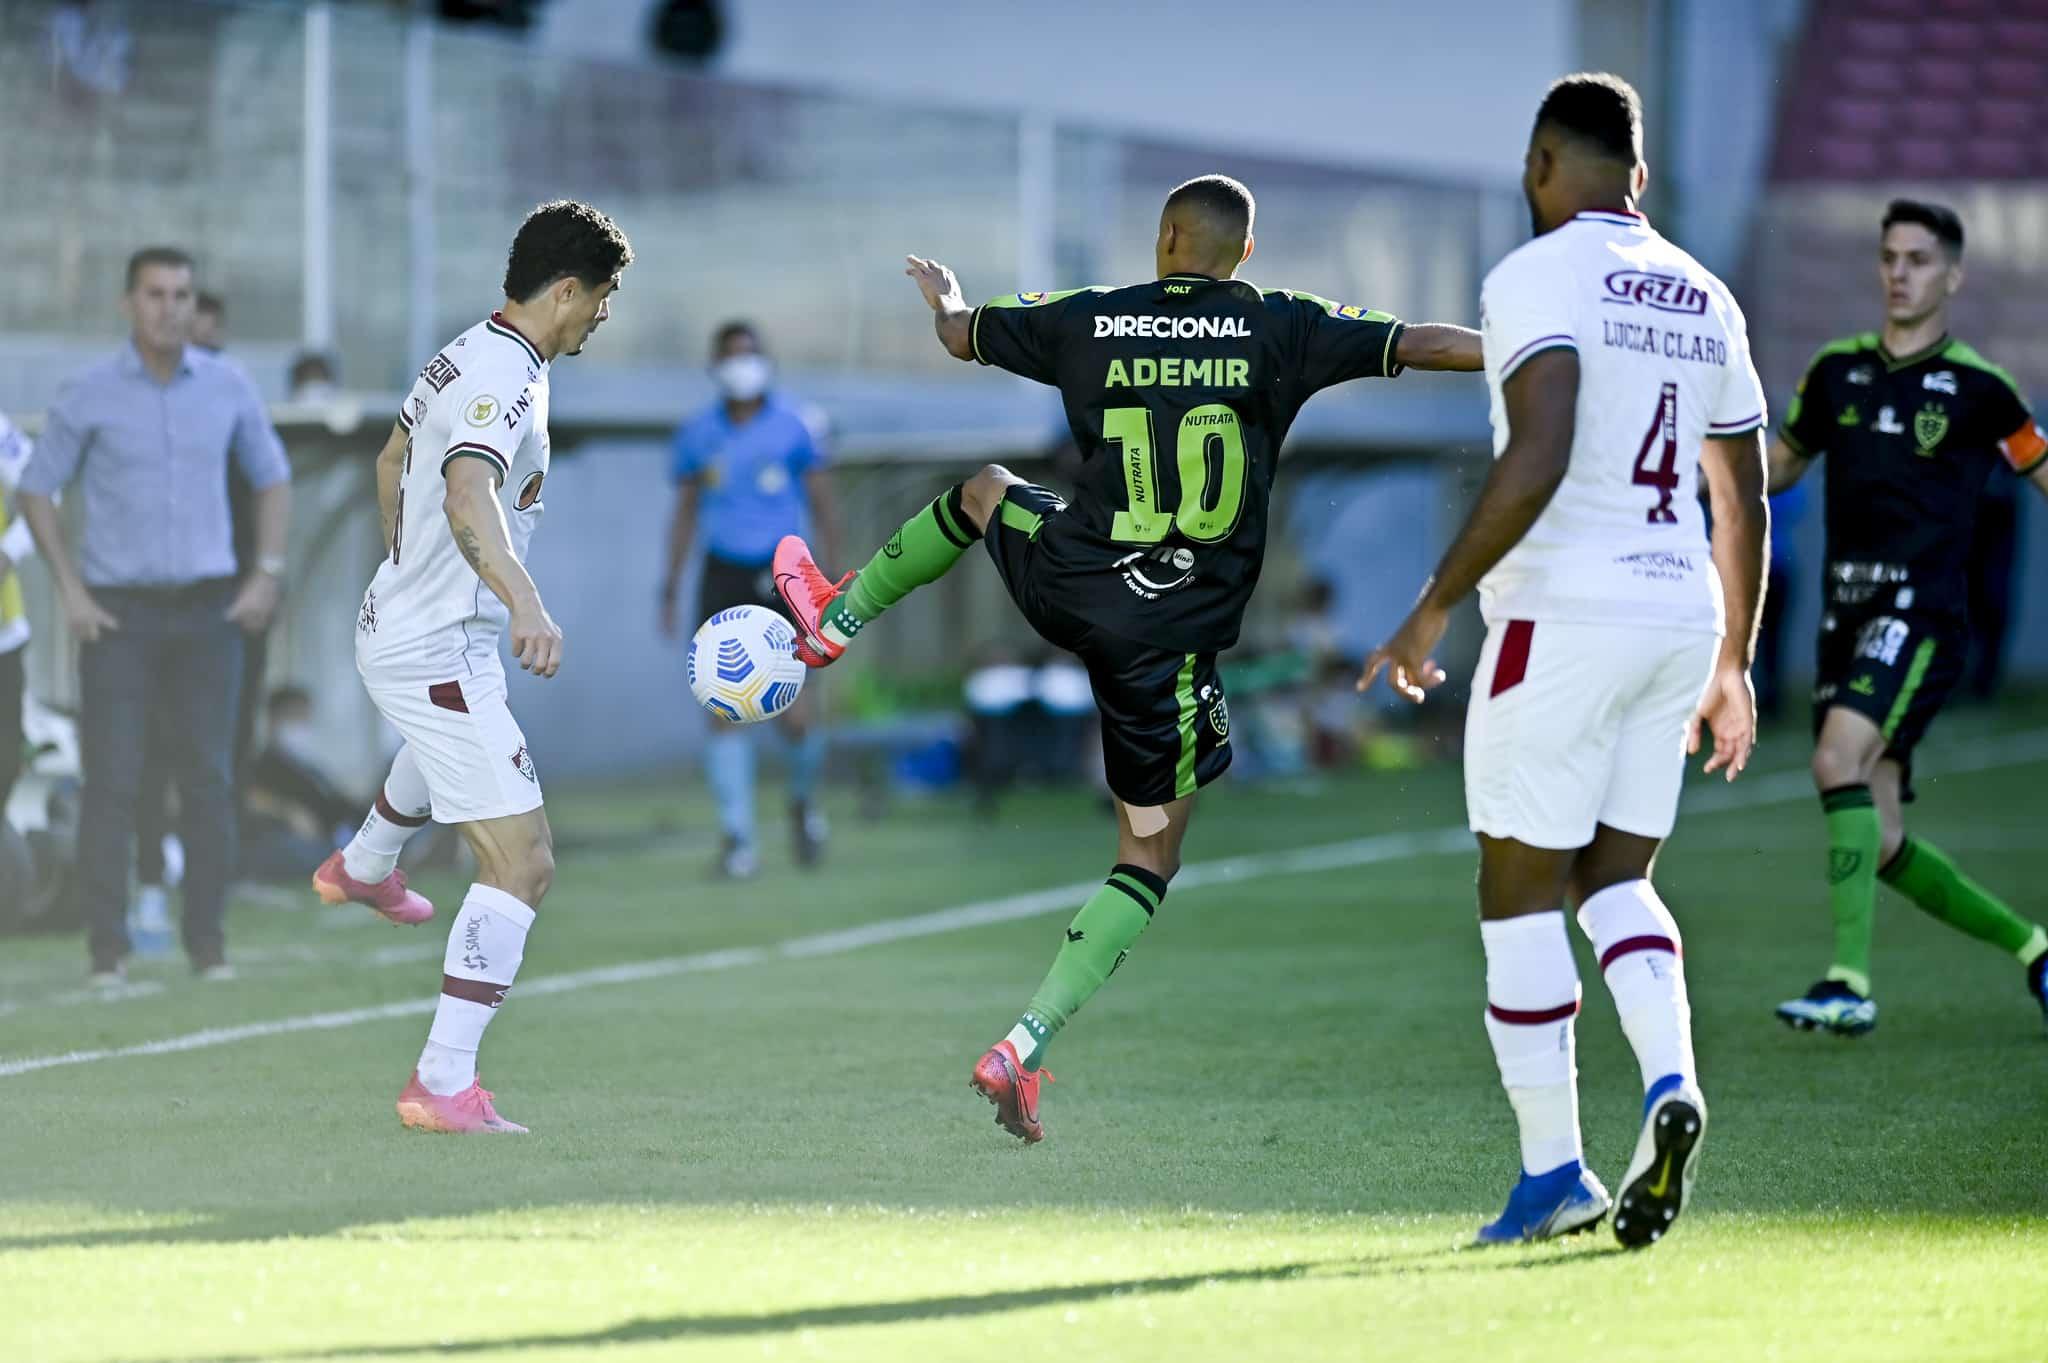 Nas últimas quatro rodadas - com exceção do duelo contra o Juventude, pela 14ª rodada foi adiado -, o Fluminense perdeu pelo mesmo placar